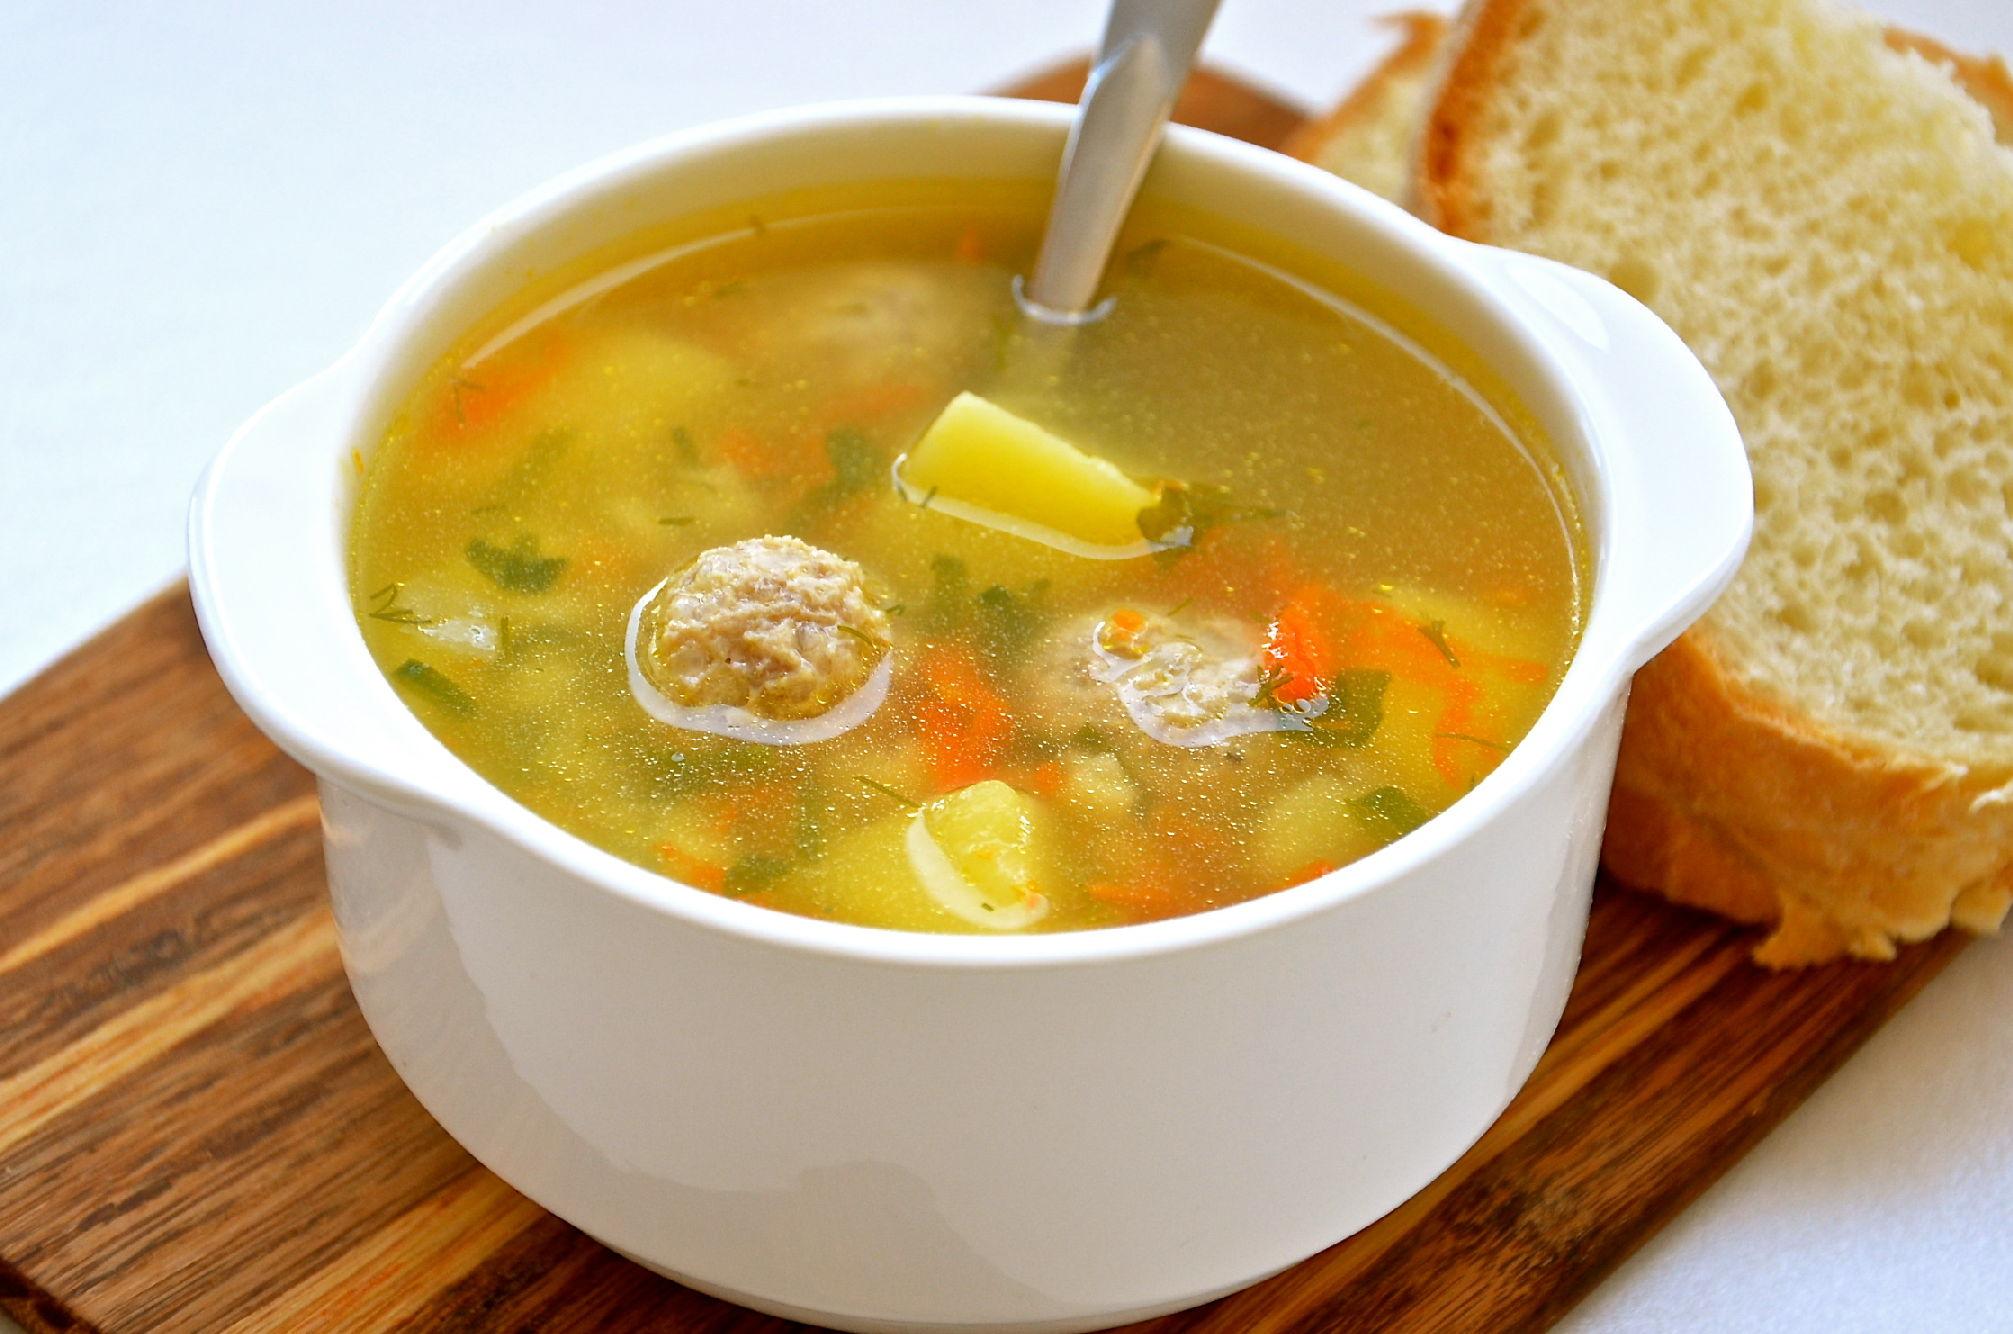 суп с фрикадельками рецепт пошагово с фото с гречкой